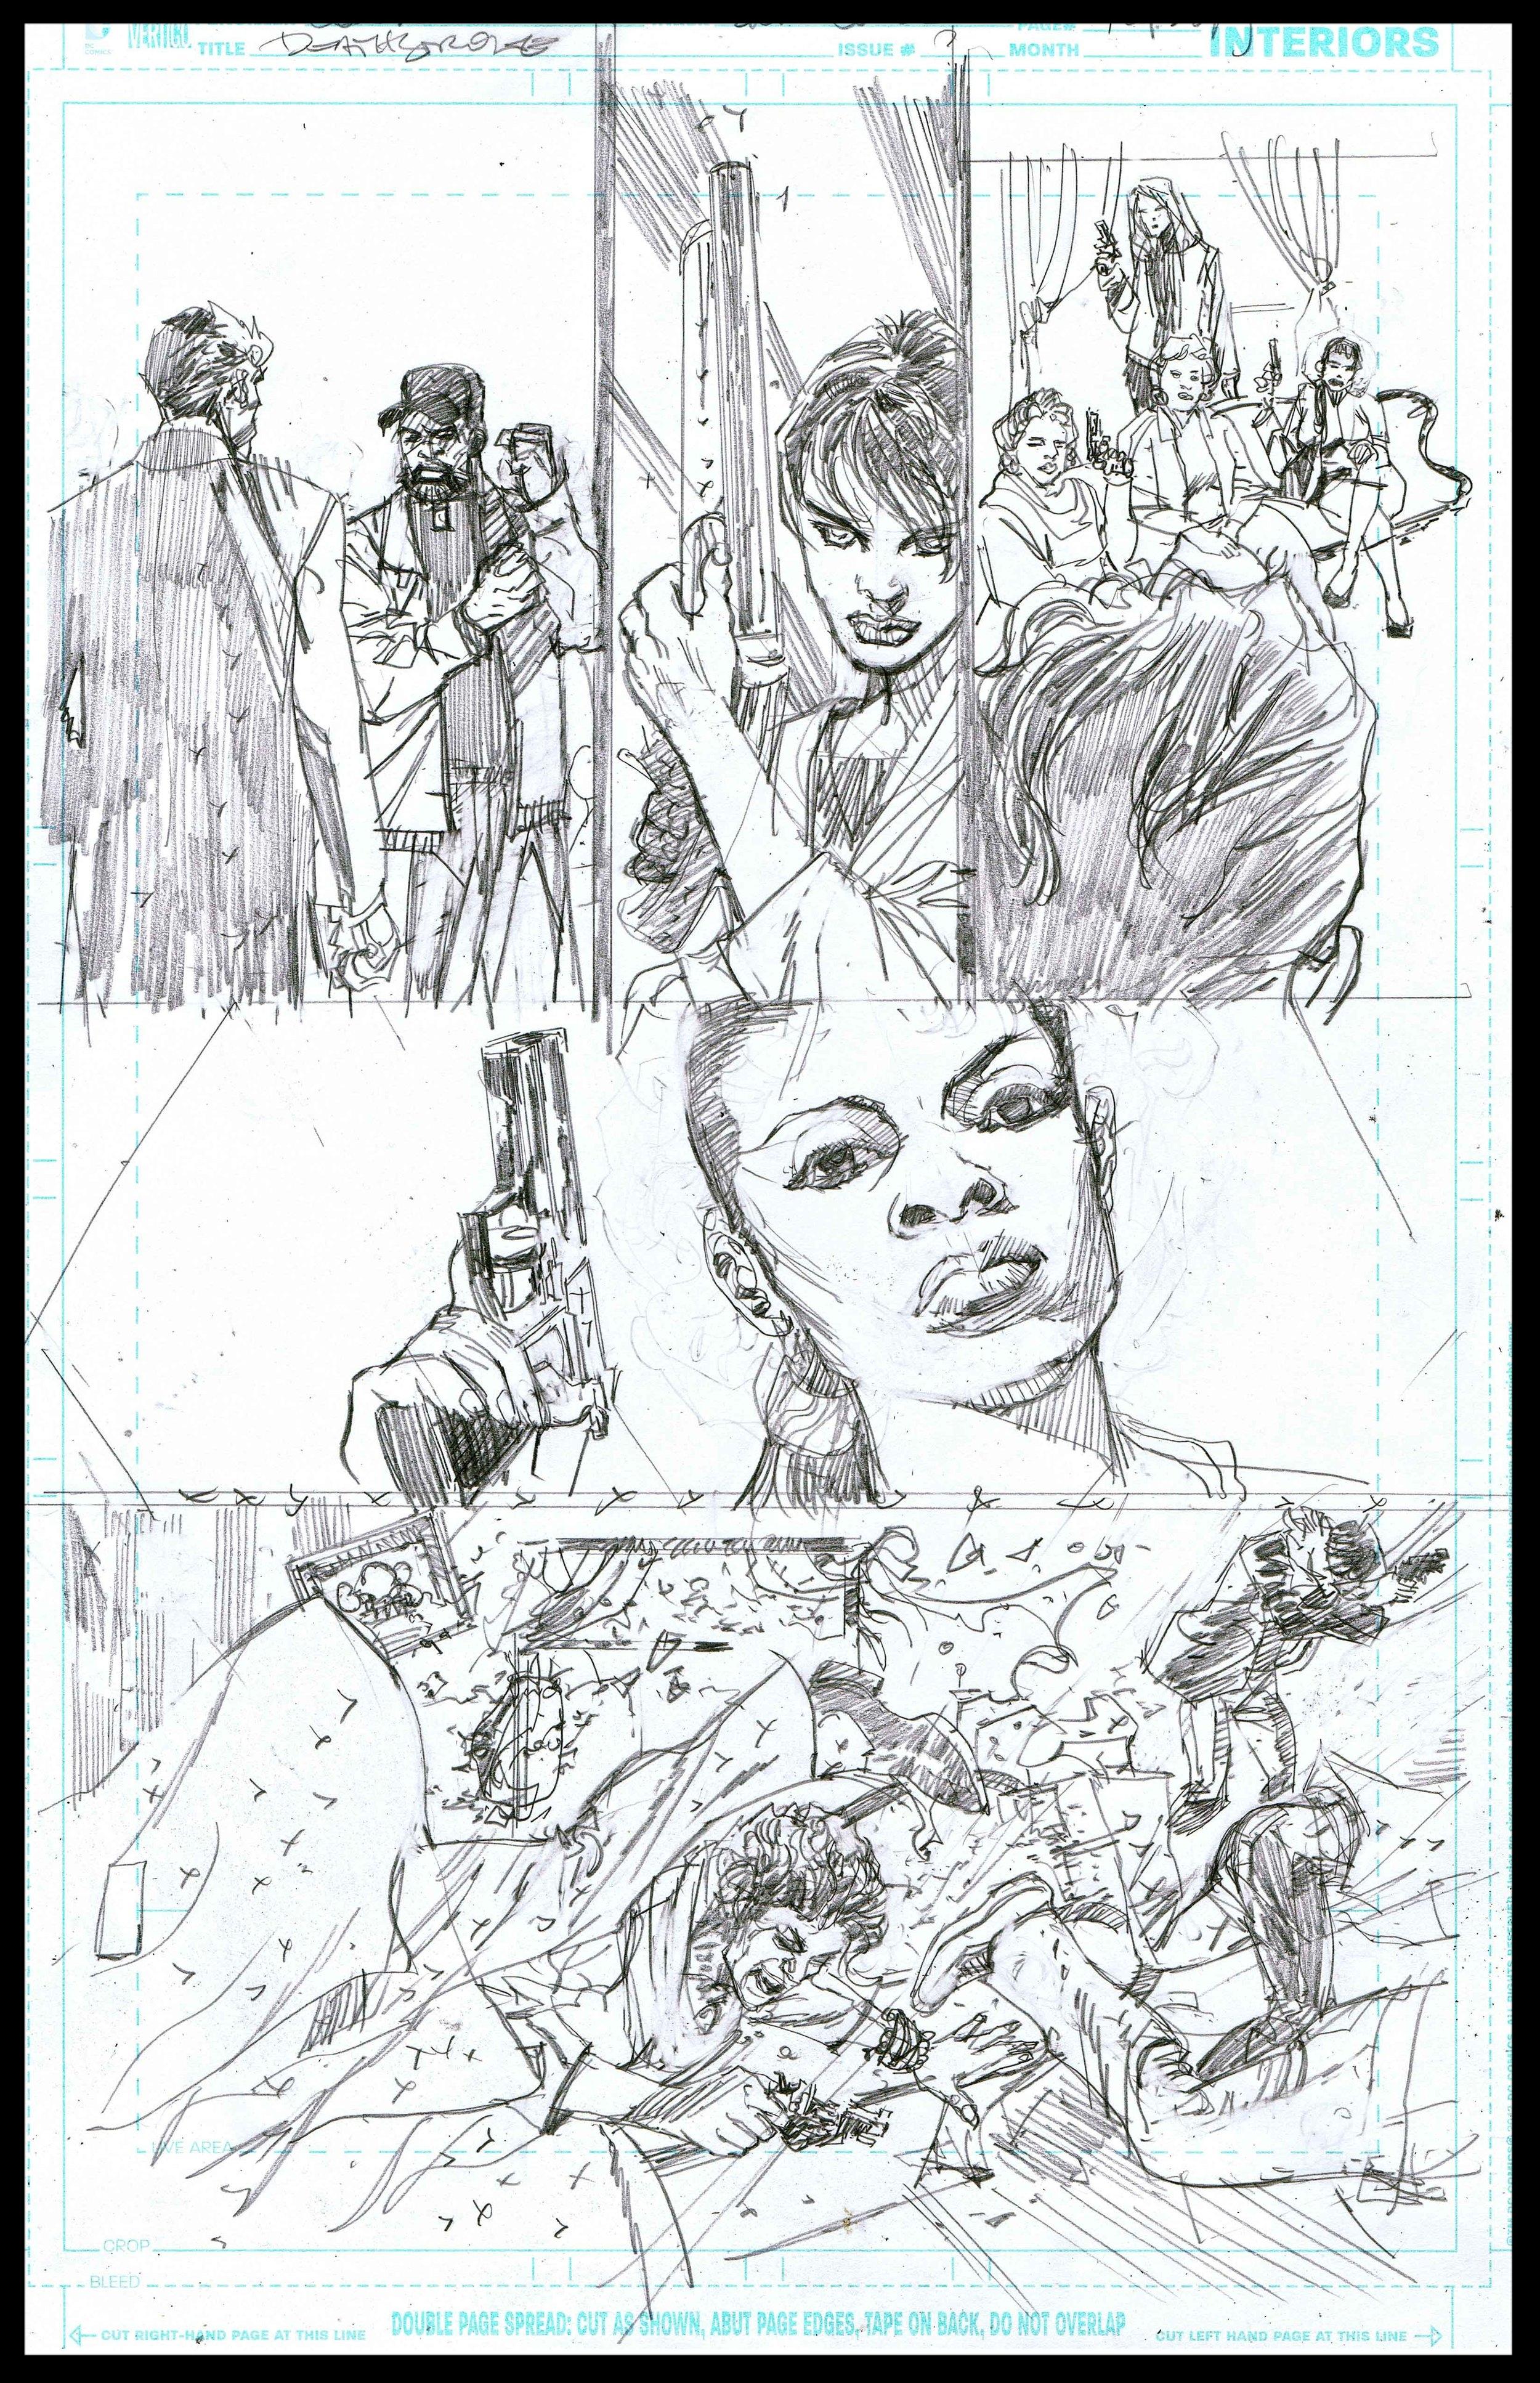 Deathstroke #11 - Page 9 - Pencils